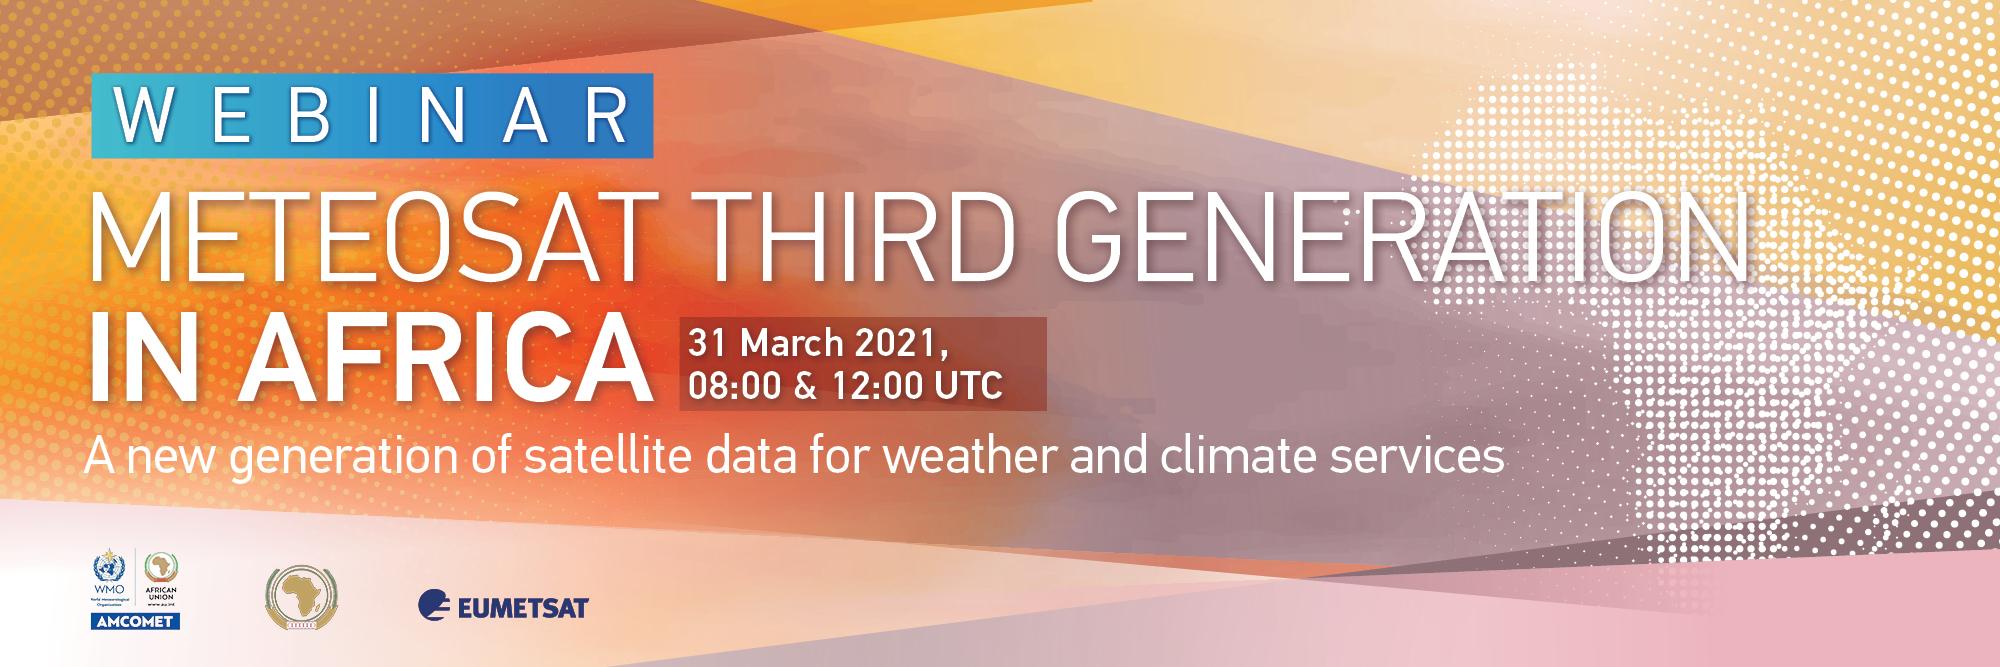 Webinar on Meteosat Third Generation in Africa, 31 March 2021 – 2021 Série de webinaires sur l'observation de la Terre en Afrique